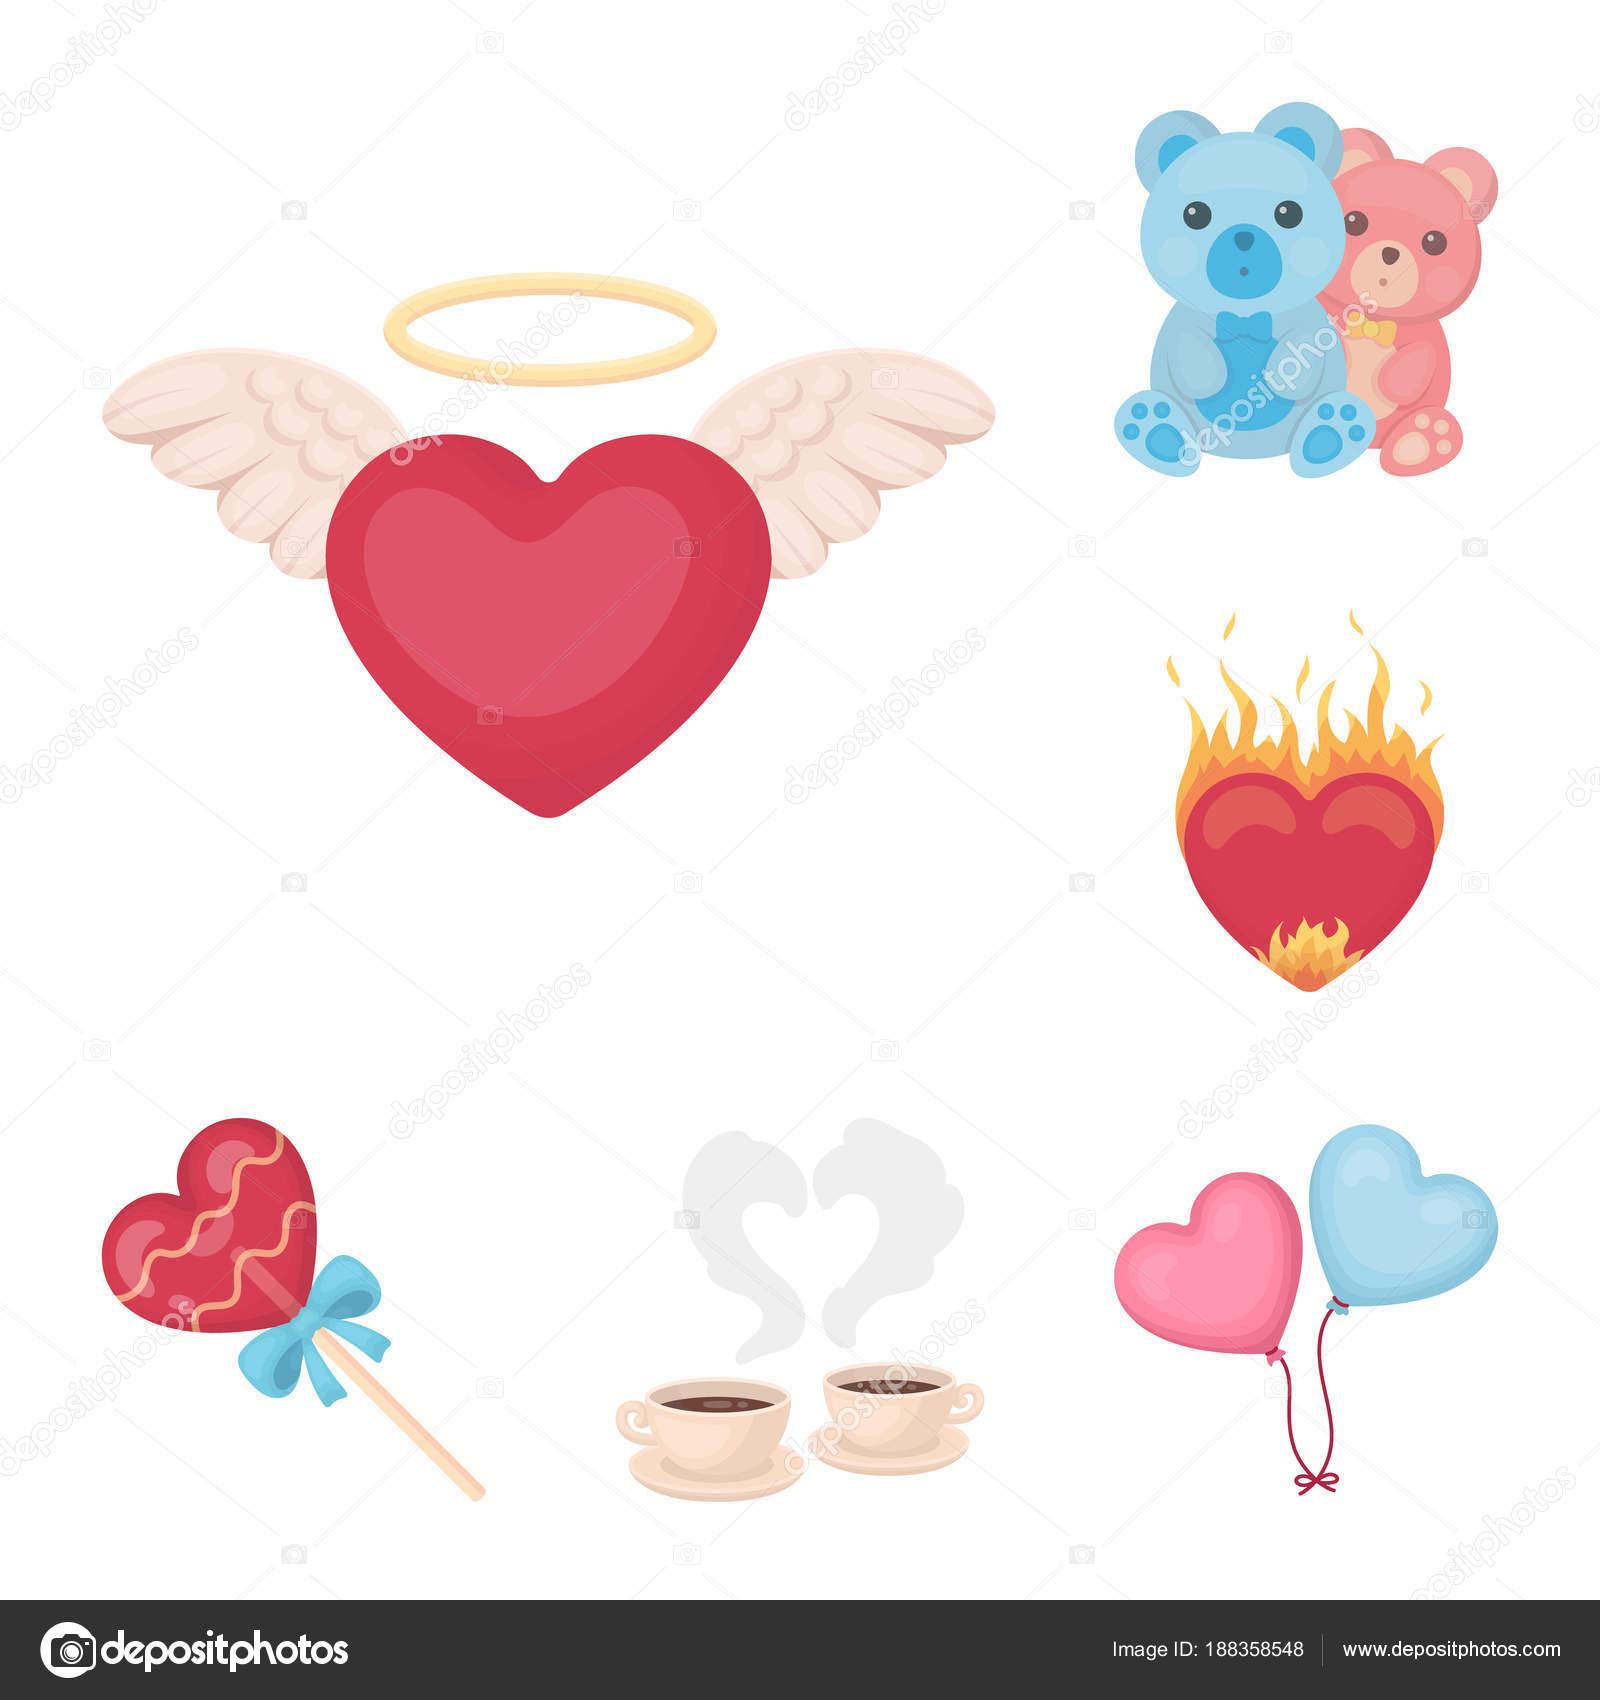 Vectores Iconos De Amor Y Amistad Iconos De Dibujos Animados